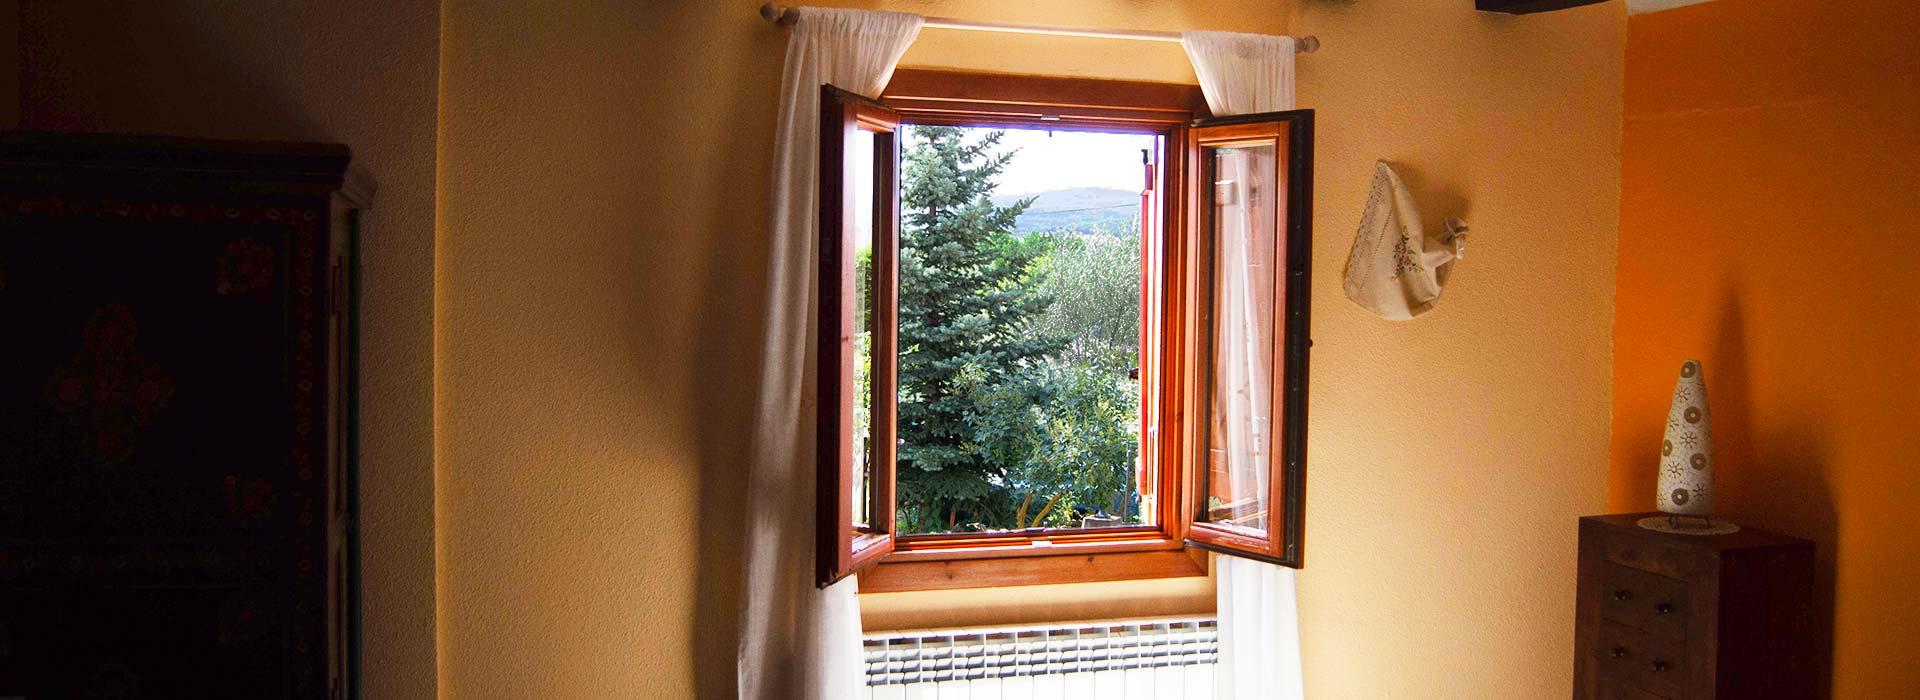 Habitación Romero con vistas a la naturaleza entre Burgos y La Rioja en casa rural